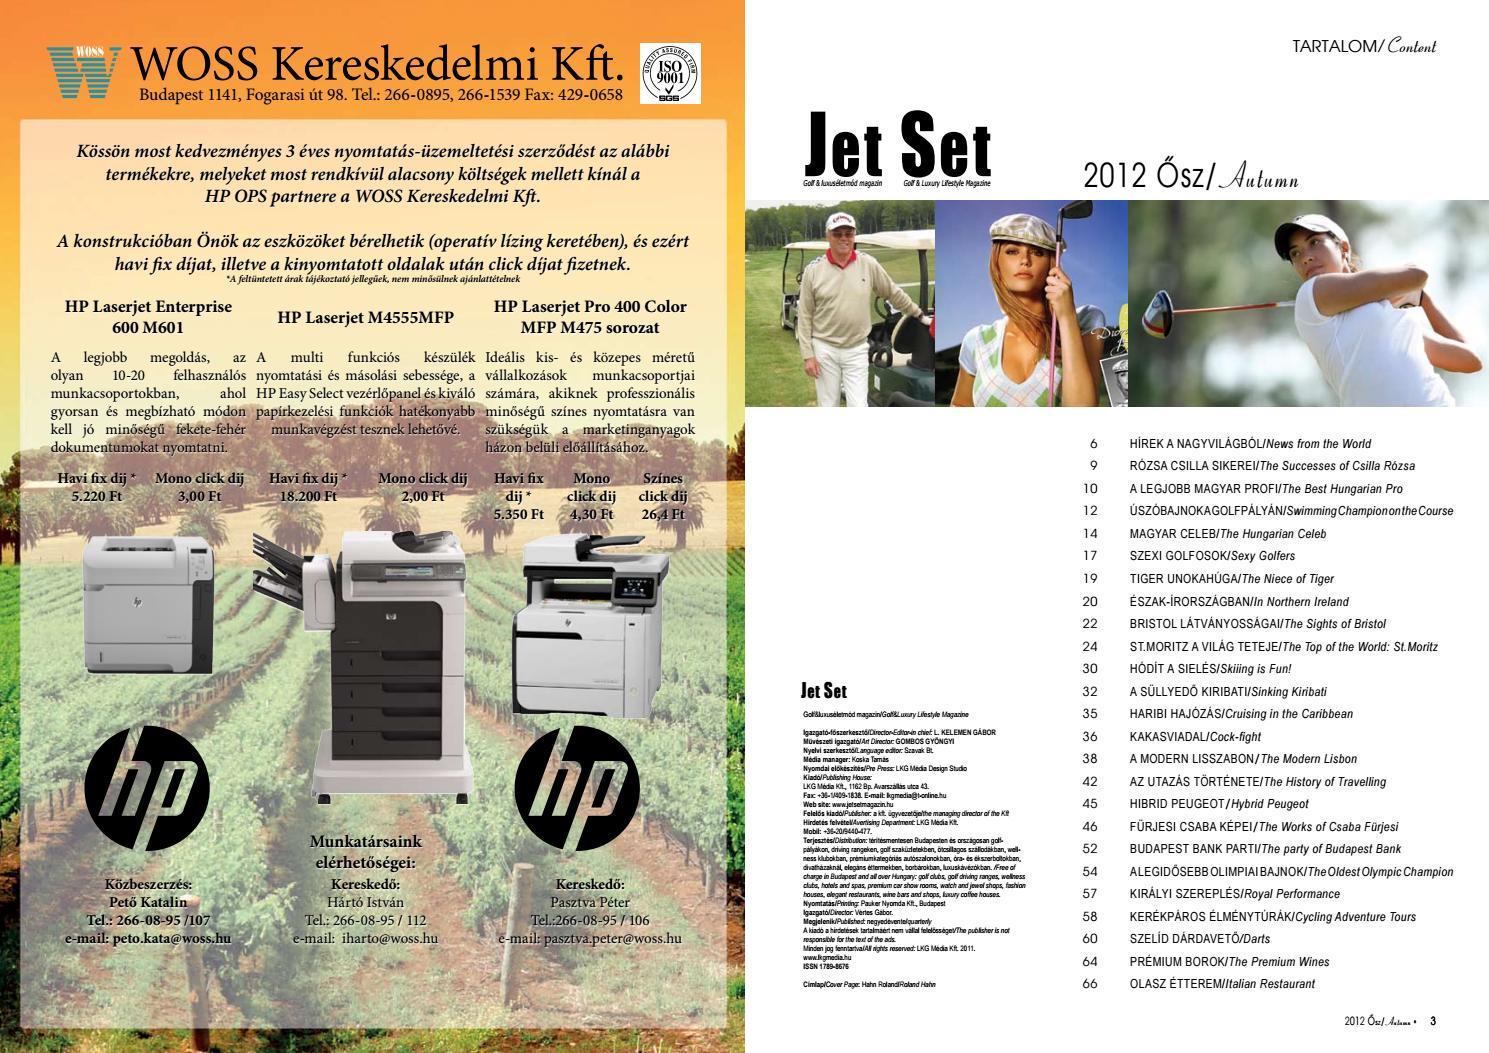 8b53646d1f Jet Set 2012 ősz by LKG Media Kft - issuu